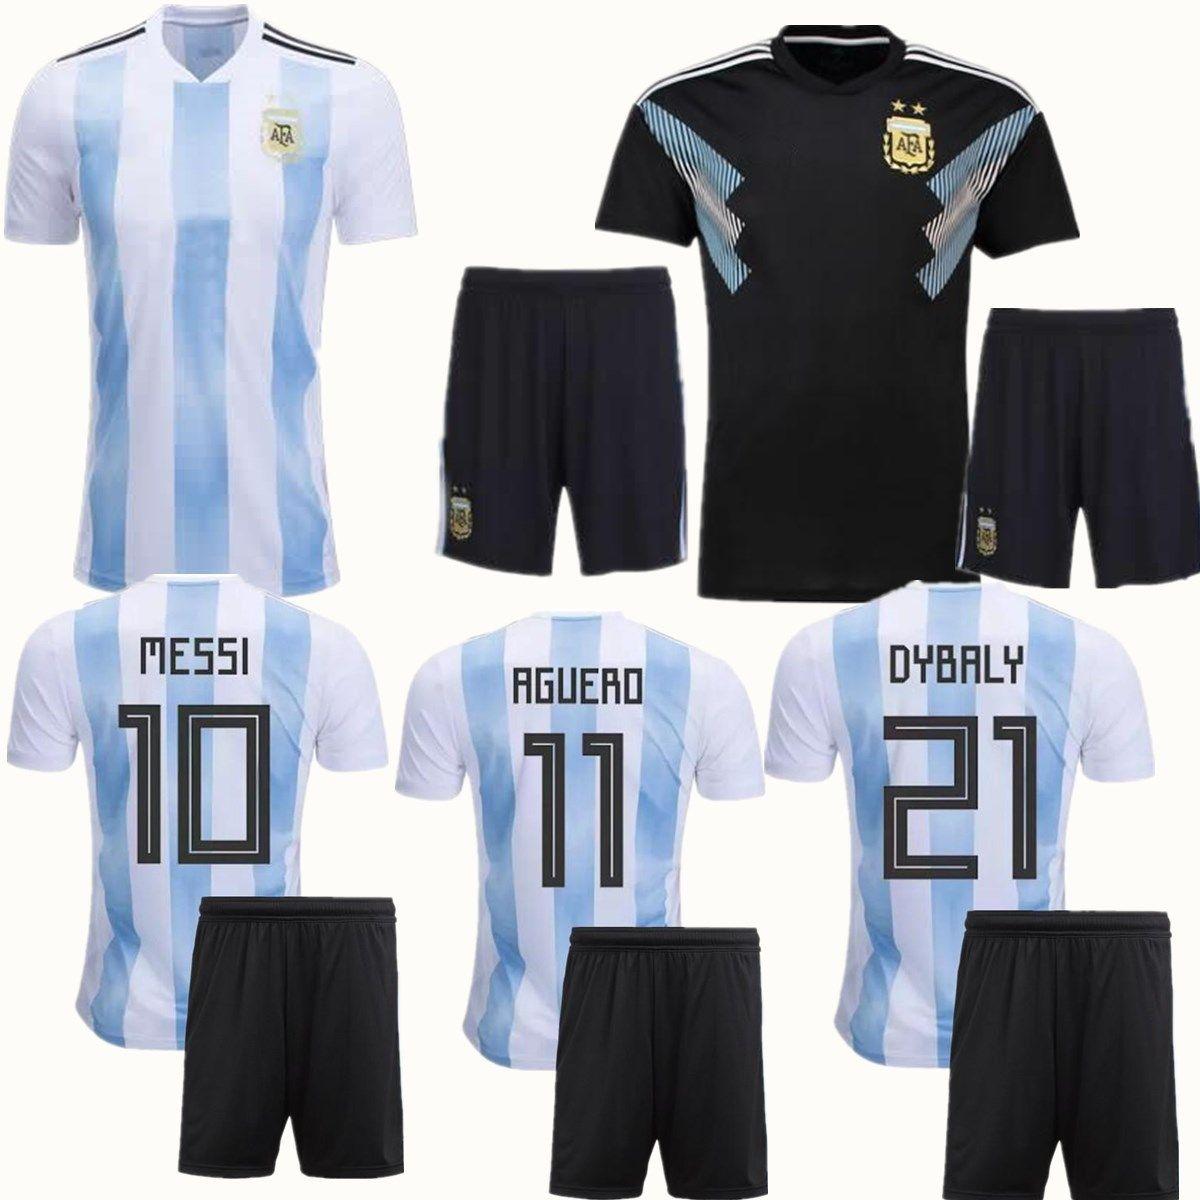 Compre 2018 Copa Do Mundo Argentina Fora Do Futebol Conjuntos MESSI DI  MARIA AGUERO KOMPANY DYBALA Jersey Away Kit Preto Adultos Uniformes  Argentina Futebol ... acb6f53804bce